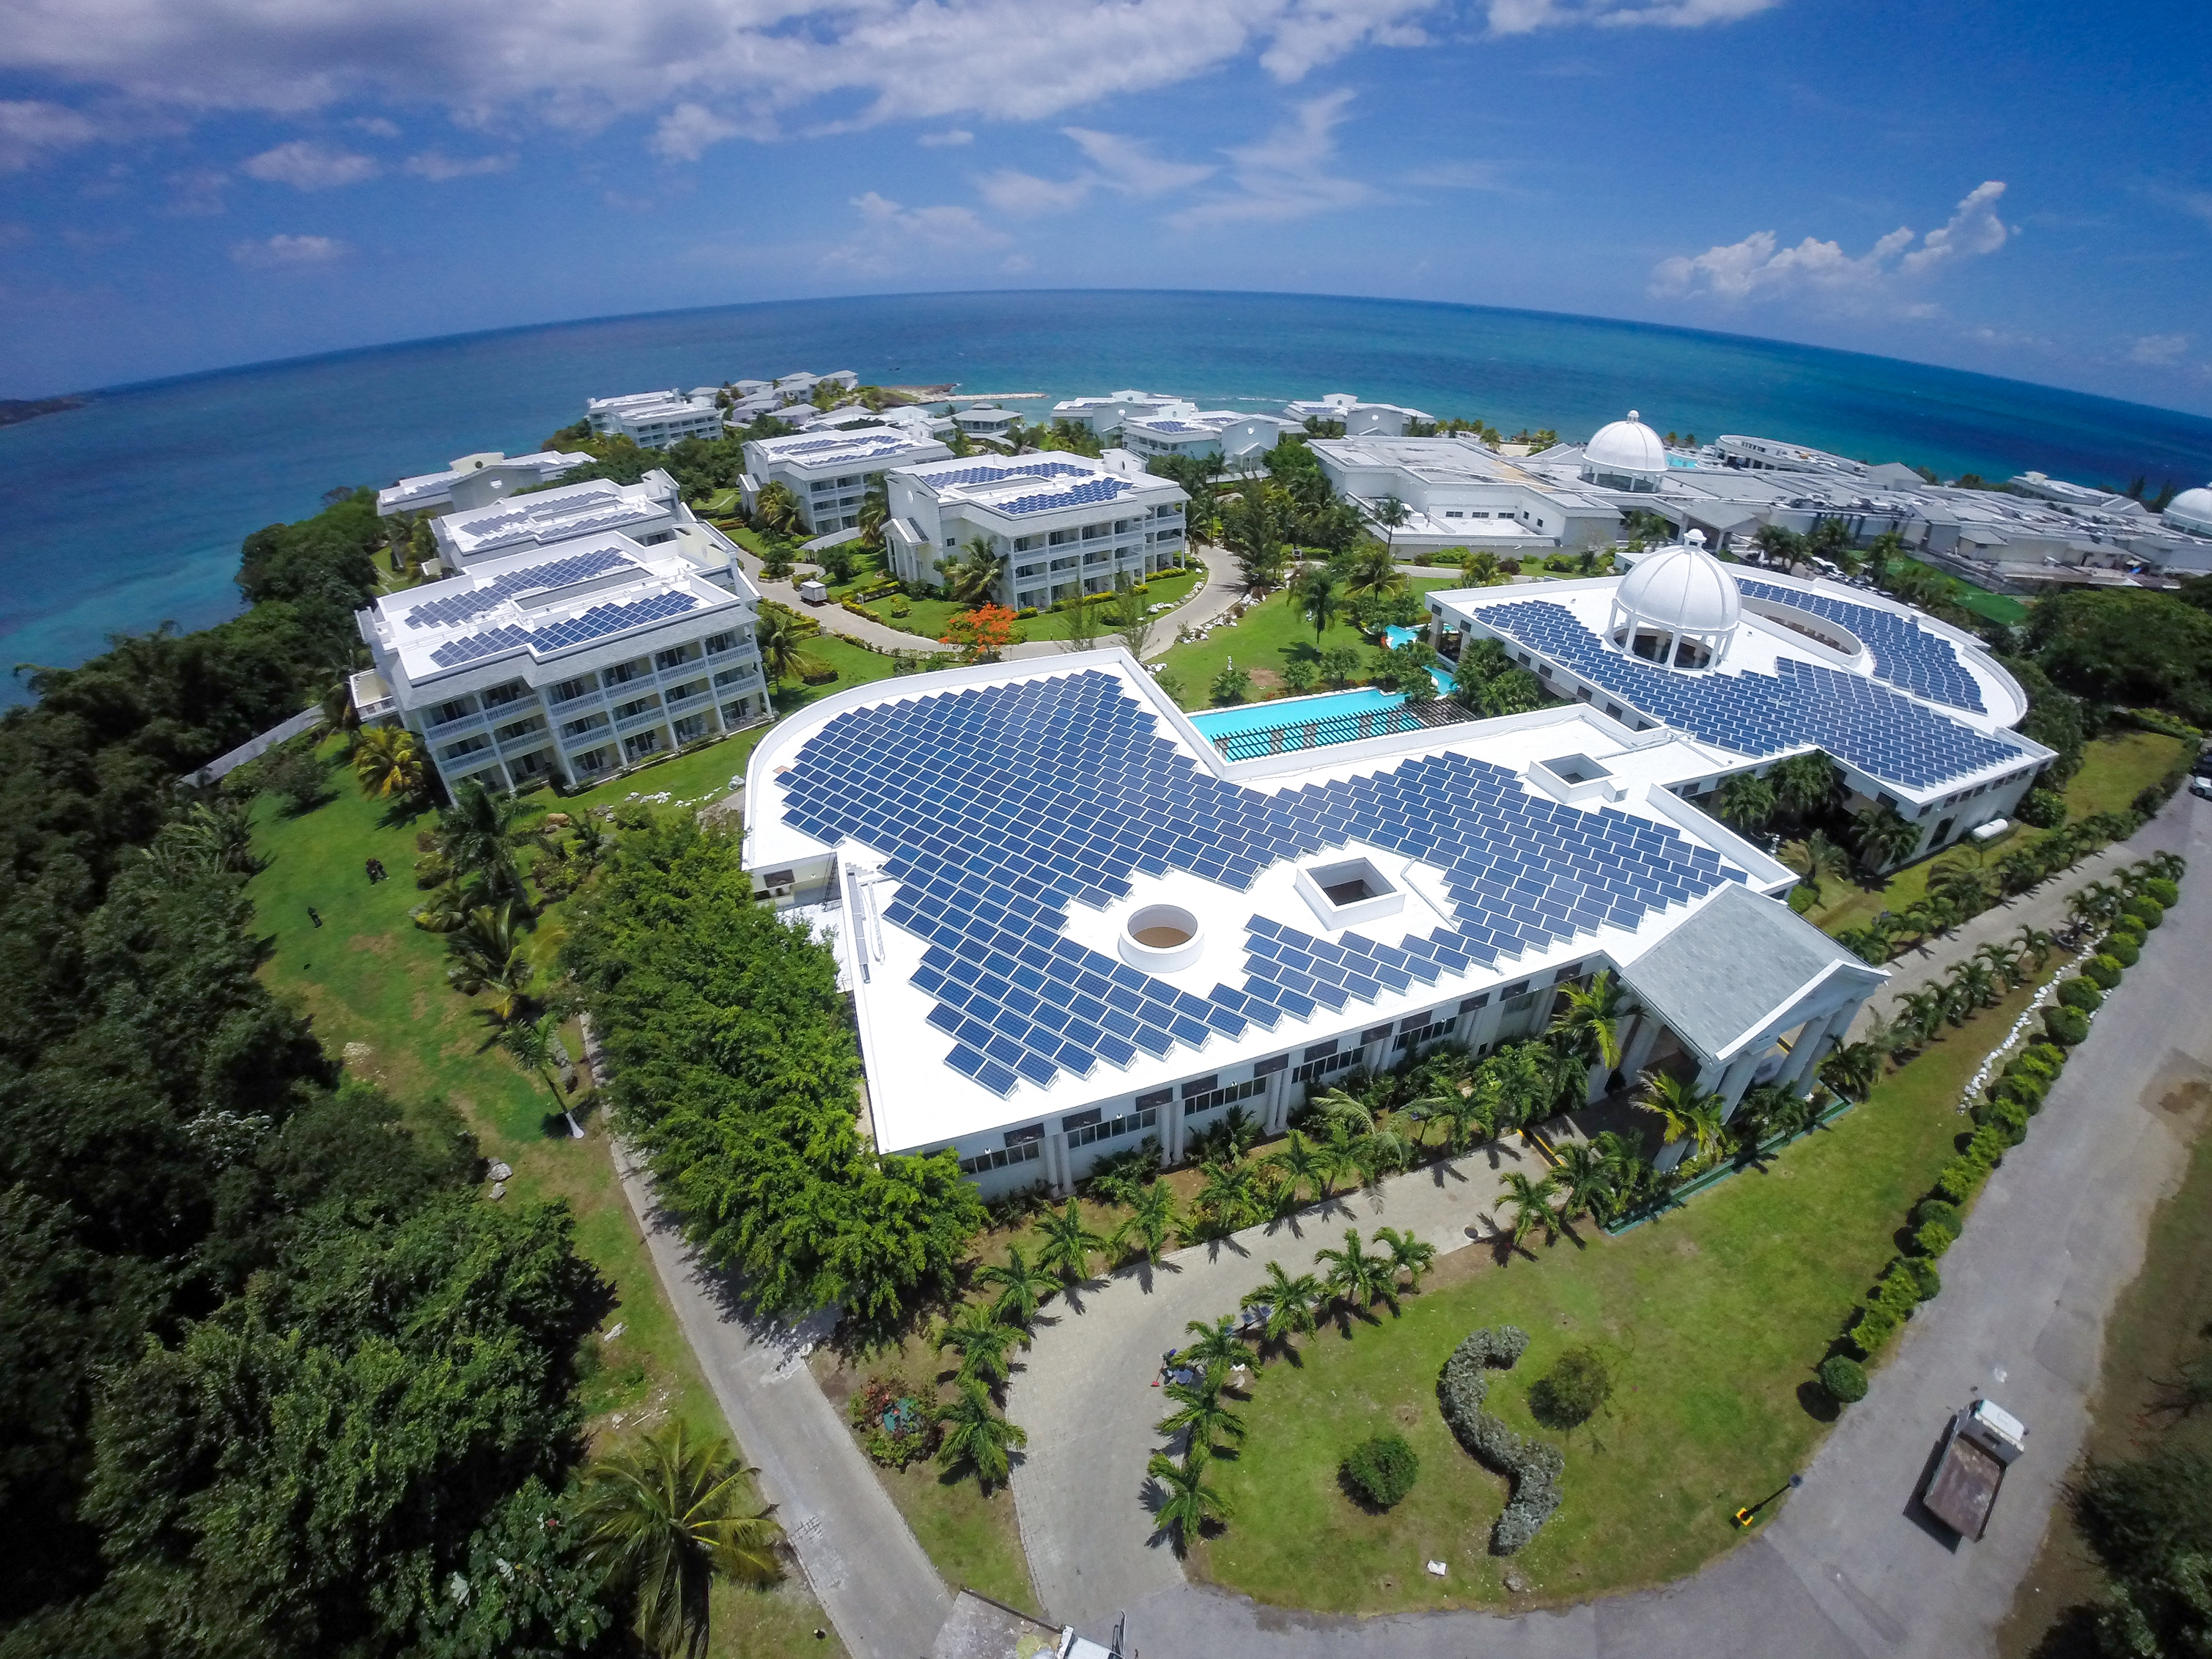 điện mặt trời dành cho khách sạn